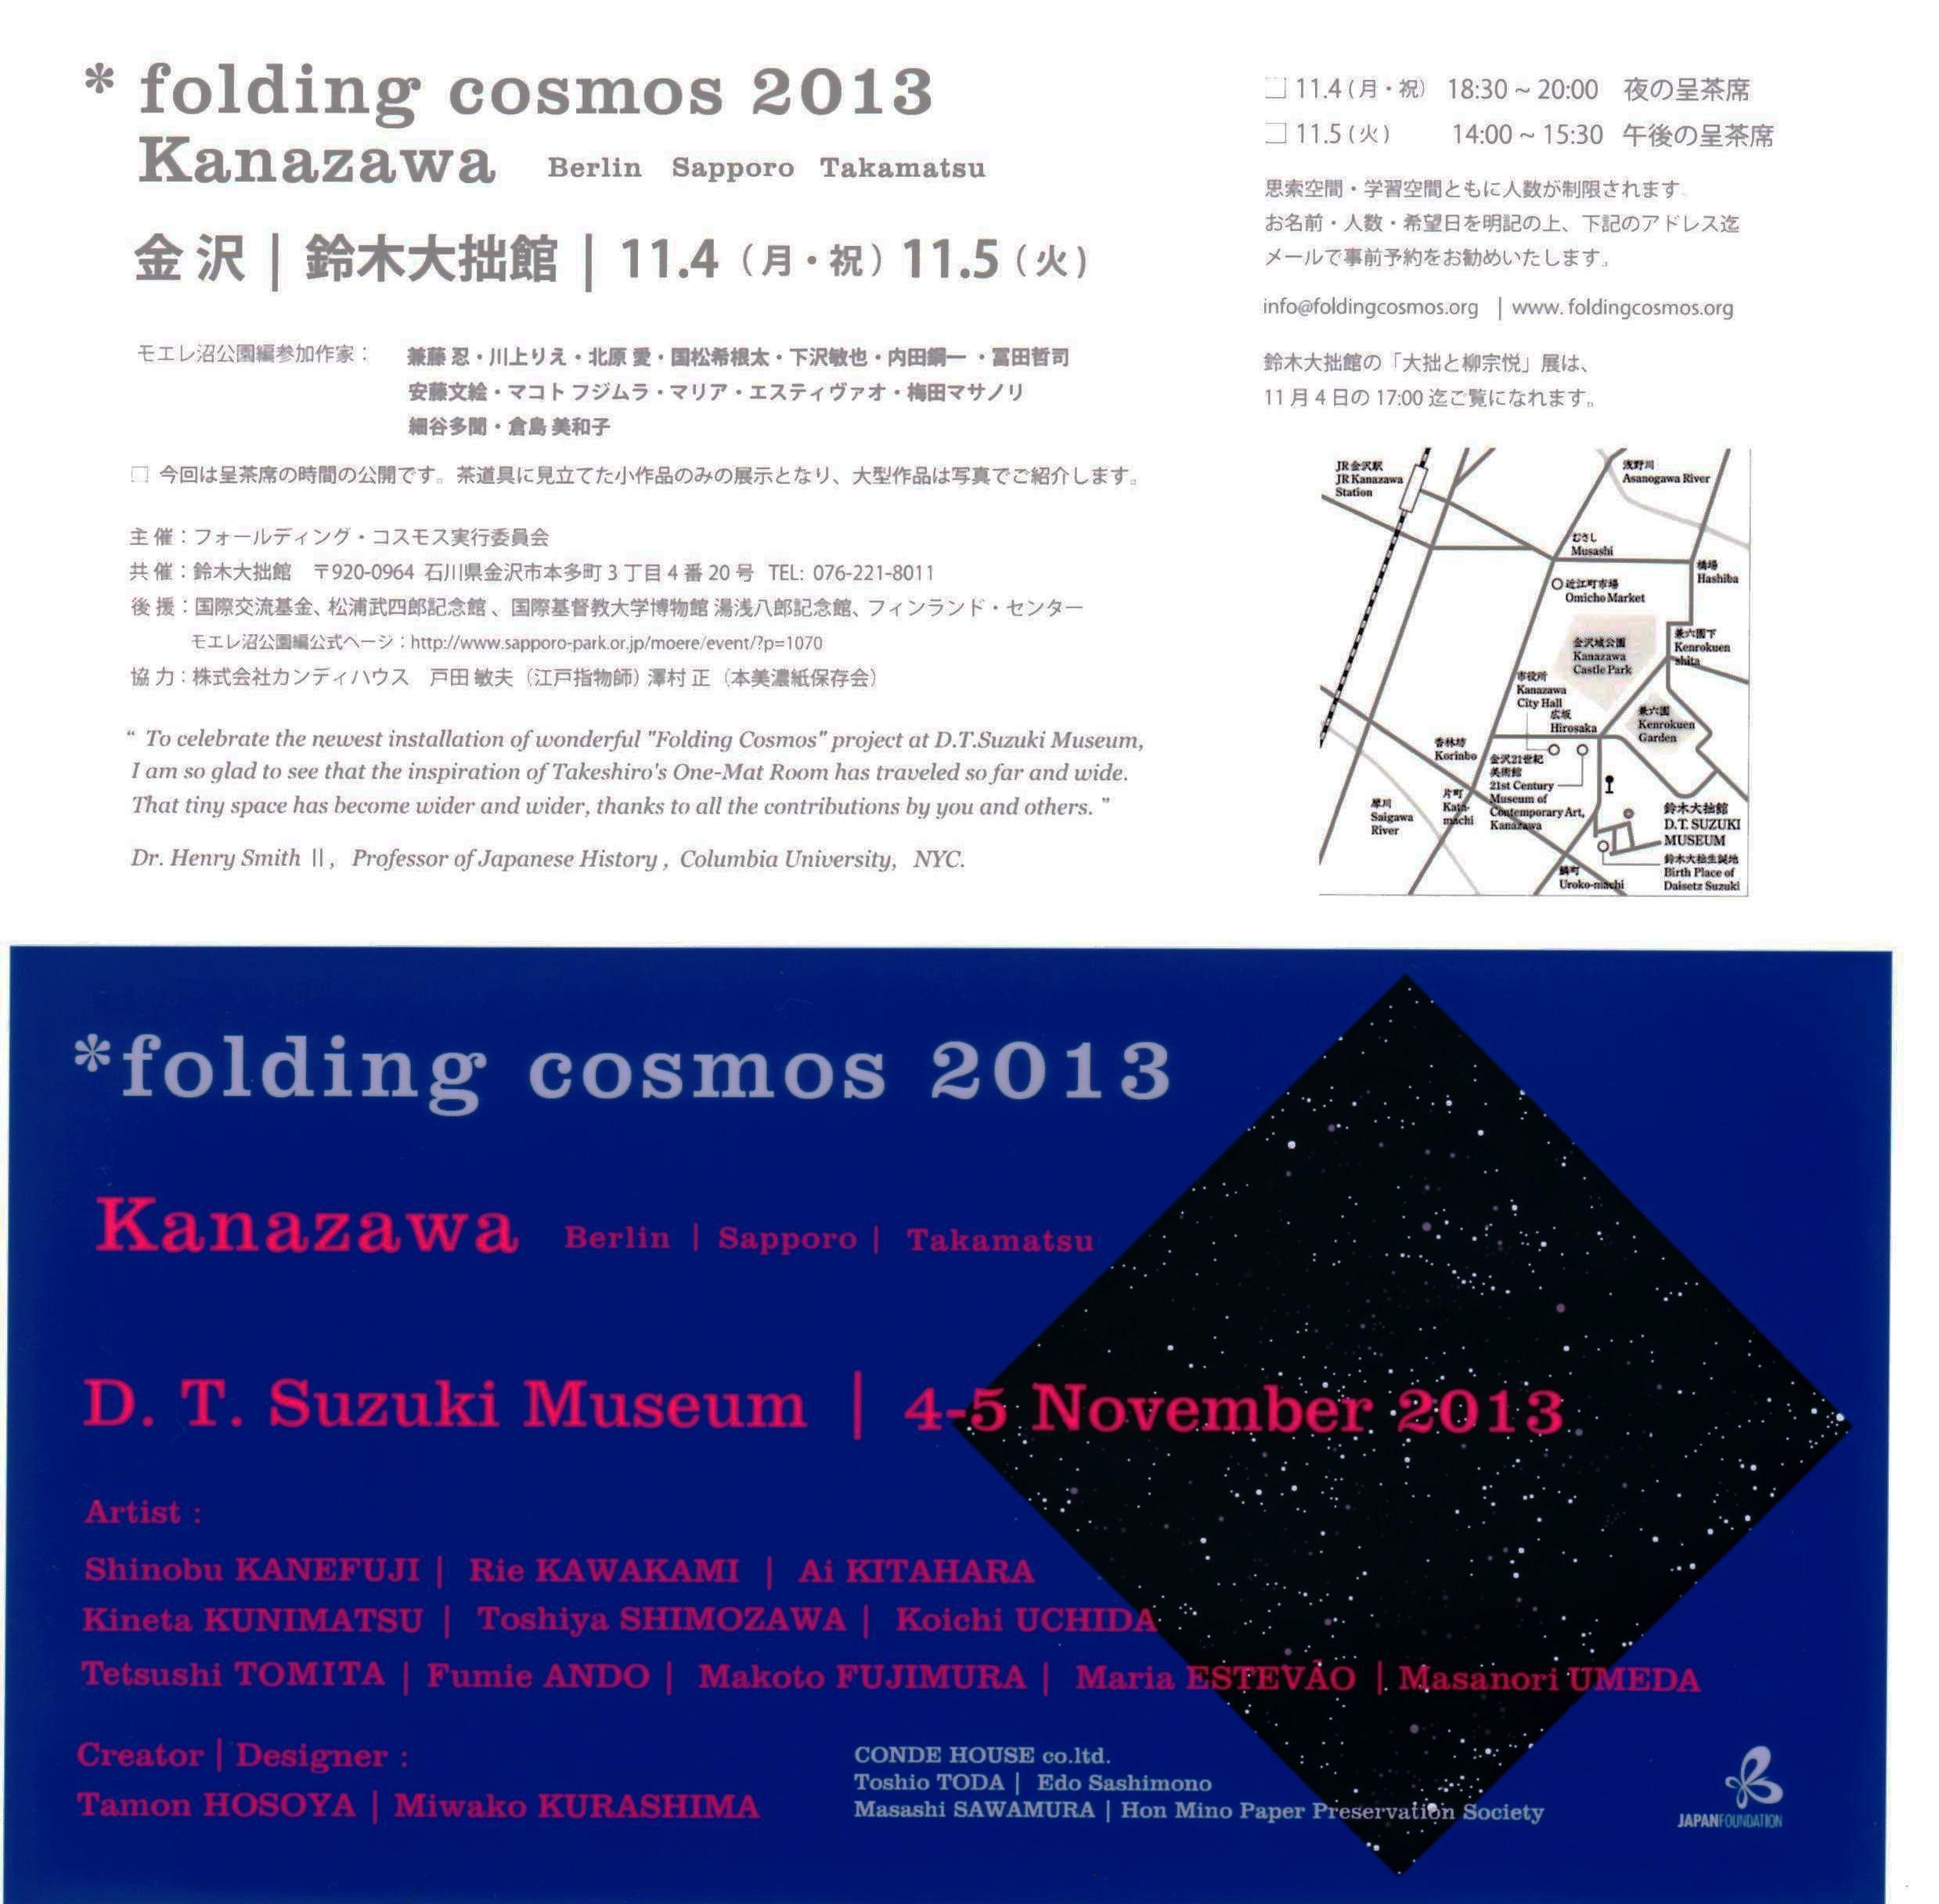 * folding cosmos KANAZAWA 金沢編のお知らせ_b0087077_9431159.jpg